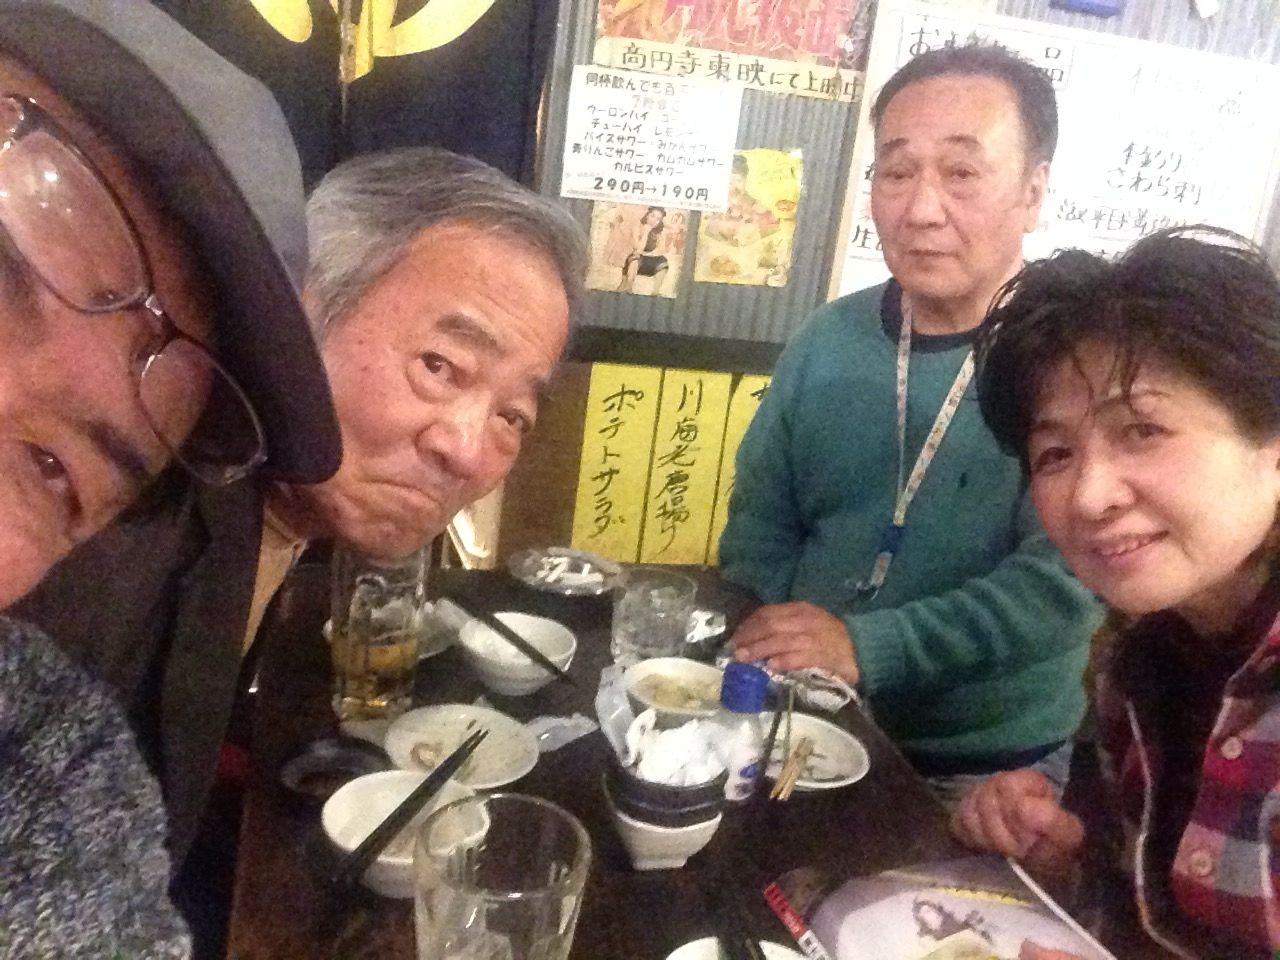 高円寺の居酒屋にて